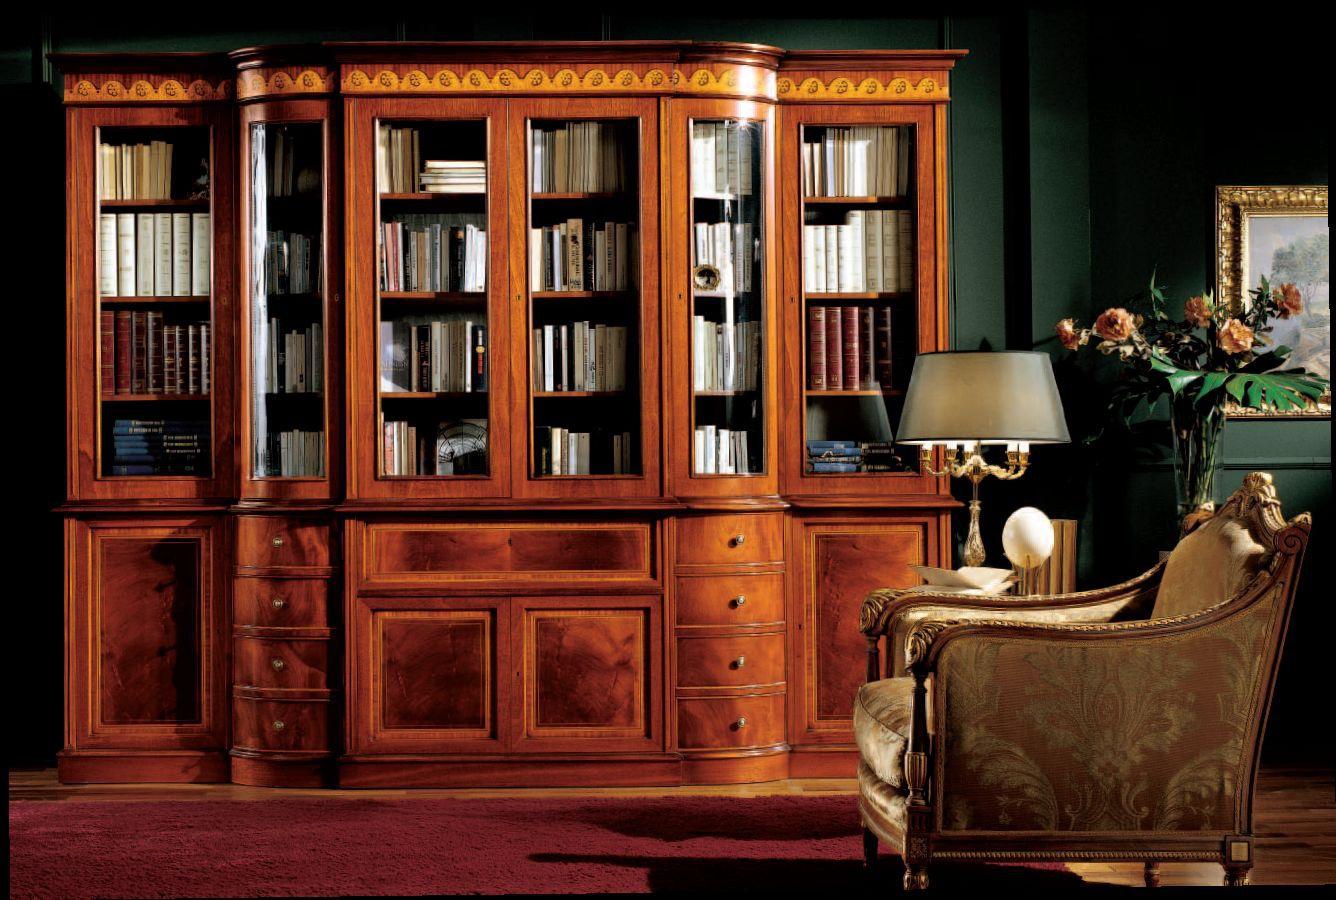 Книжный шкаф, armando rho - мебель мр.